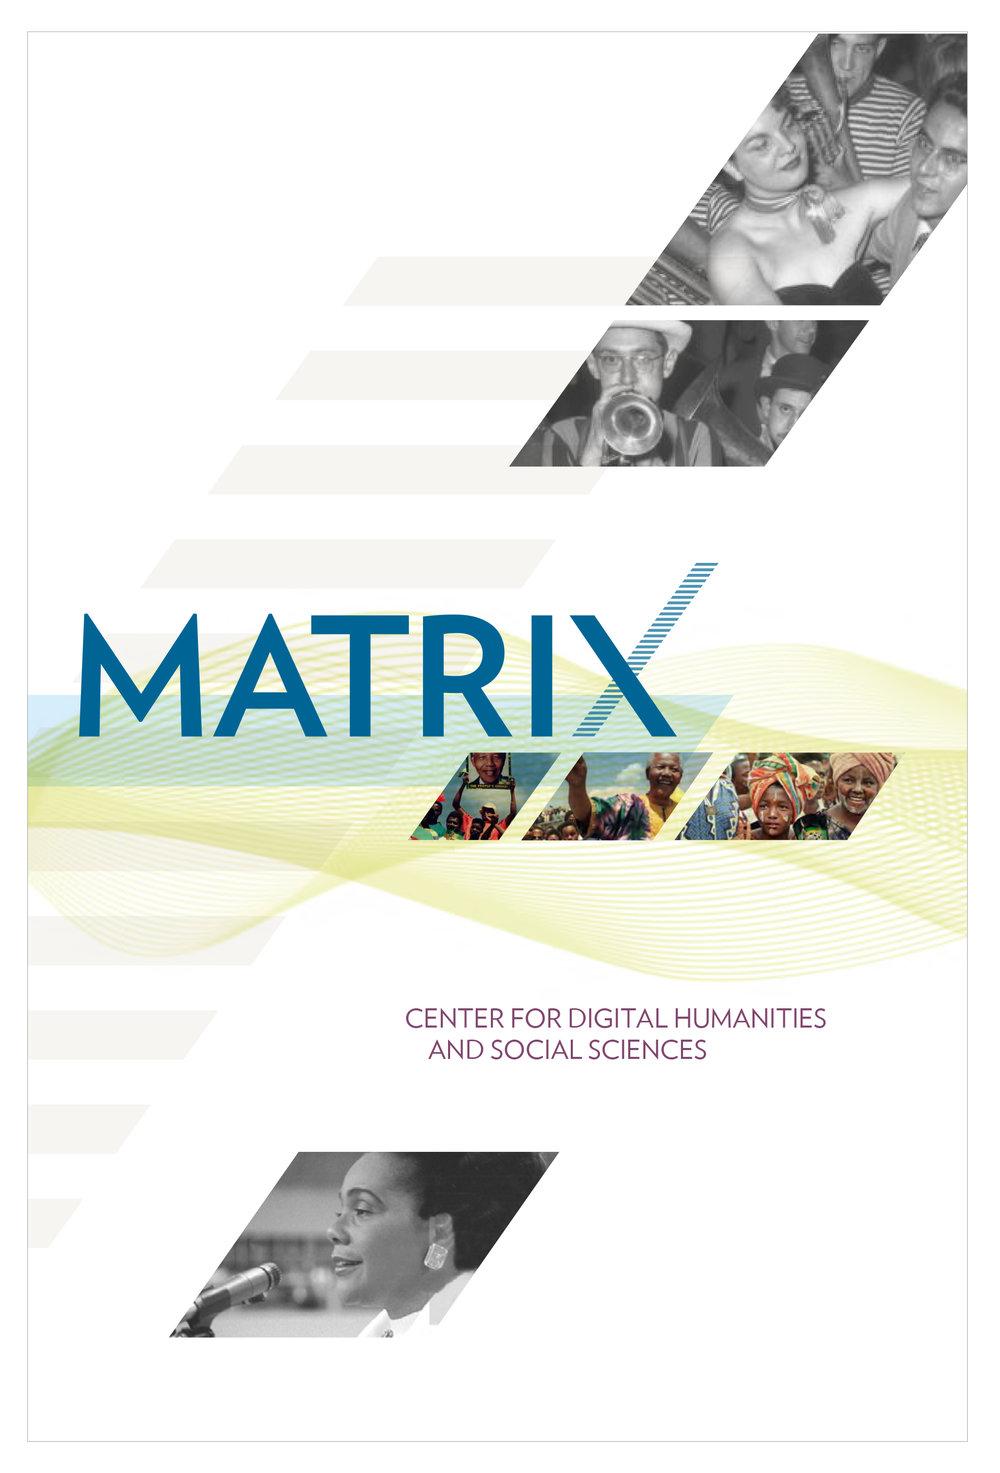 MATRIX_BrandElements_Page_3.jpg